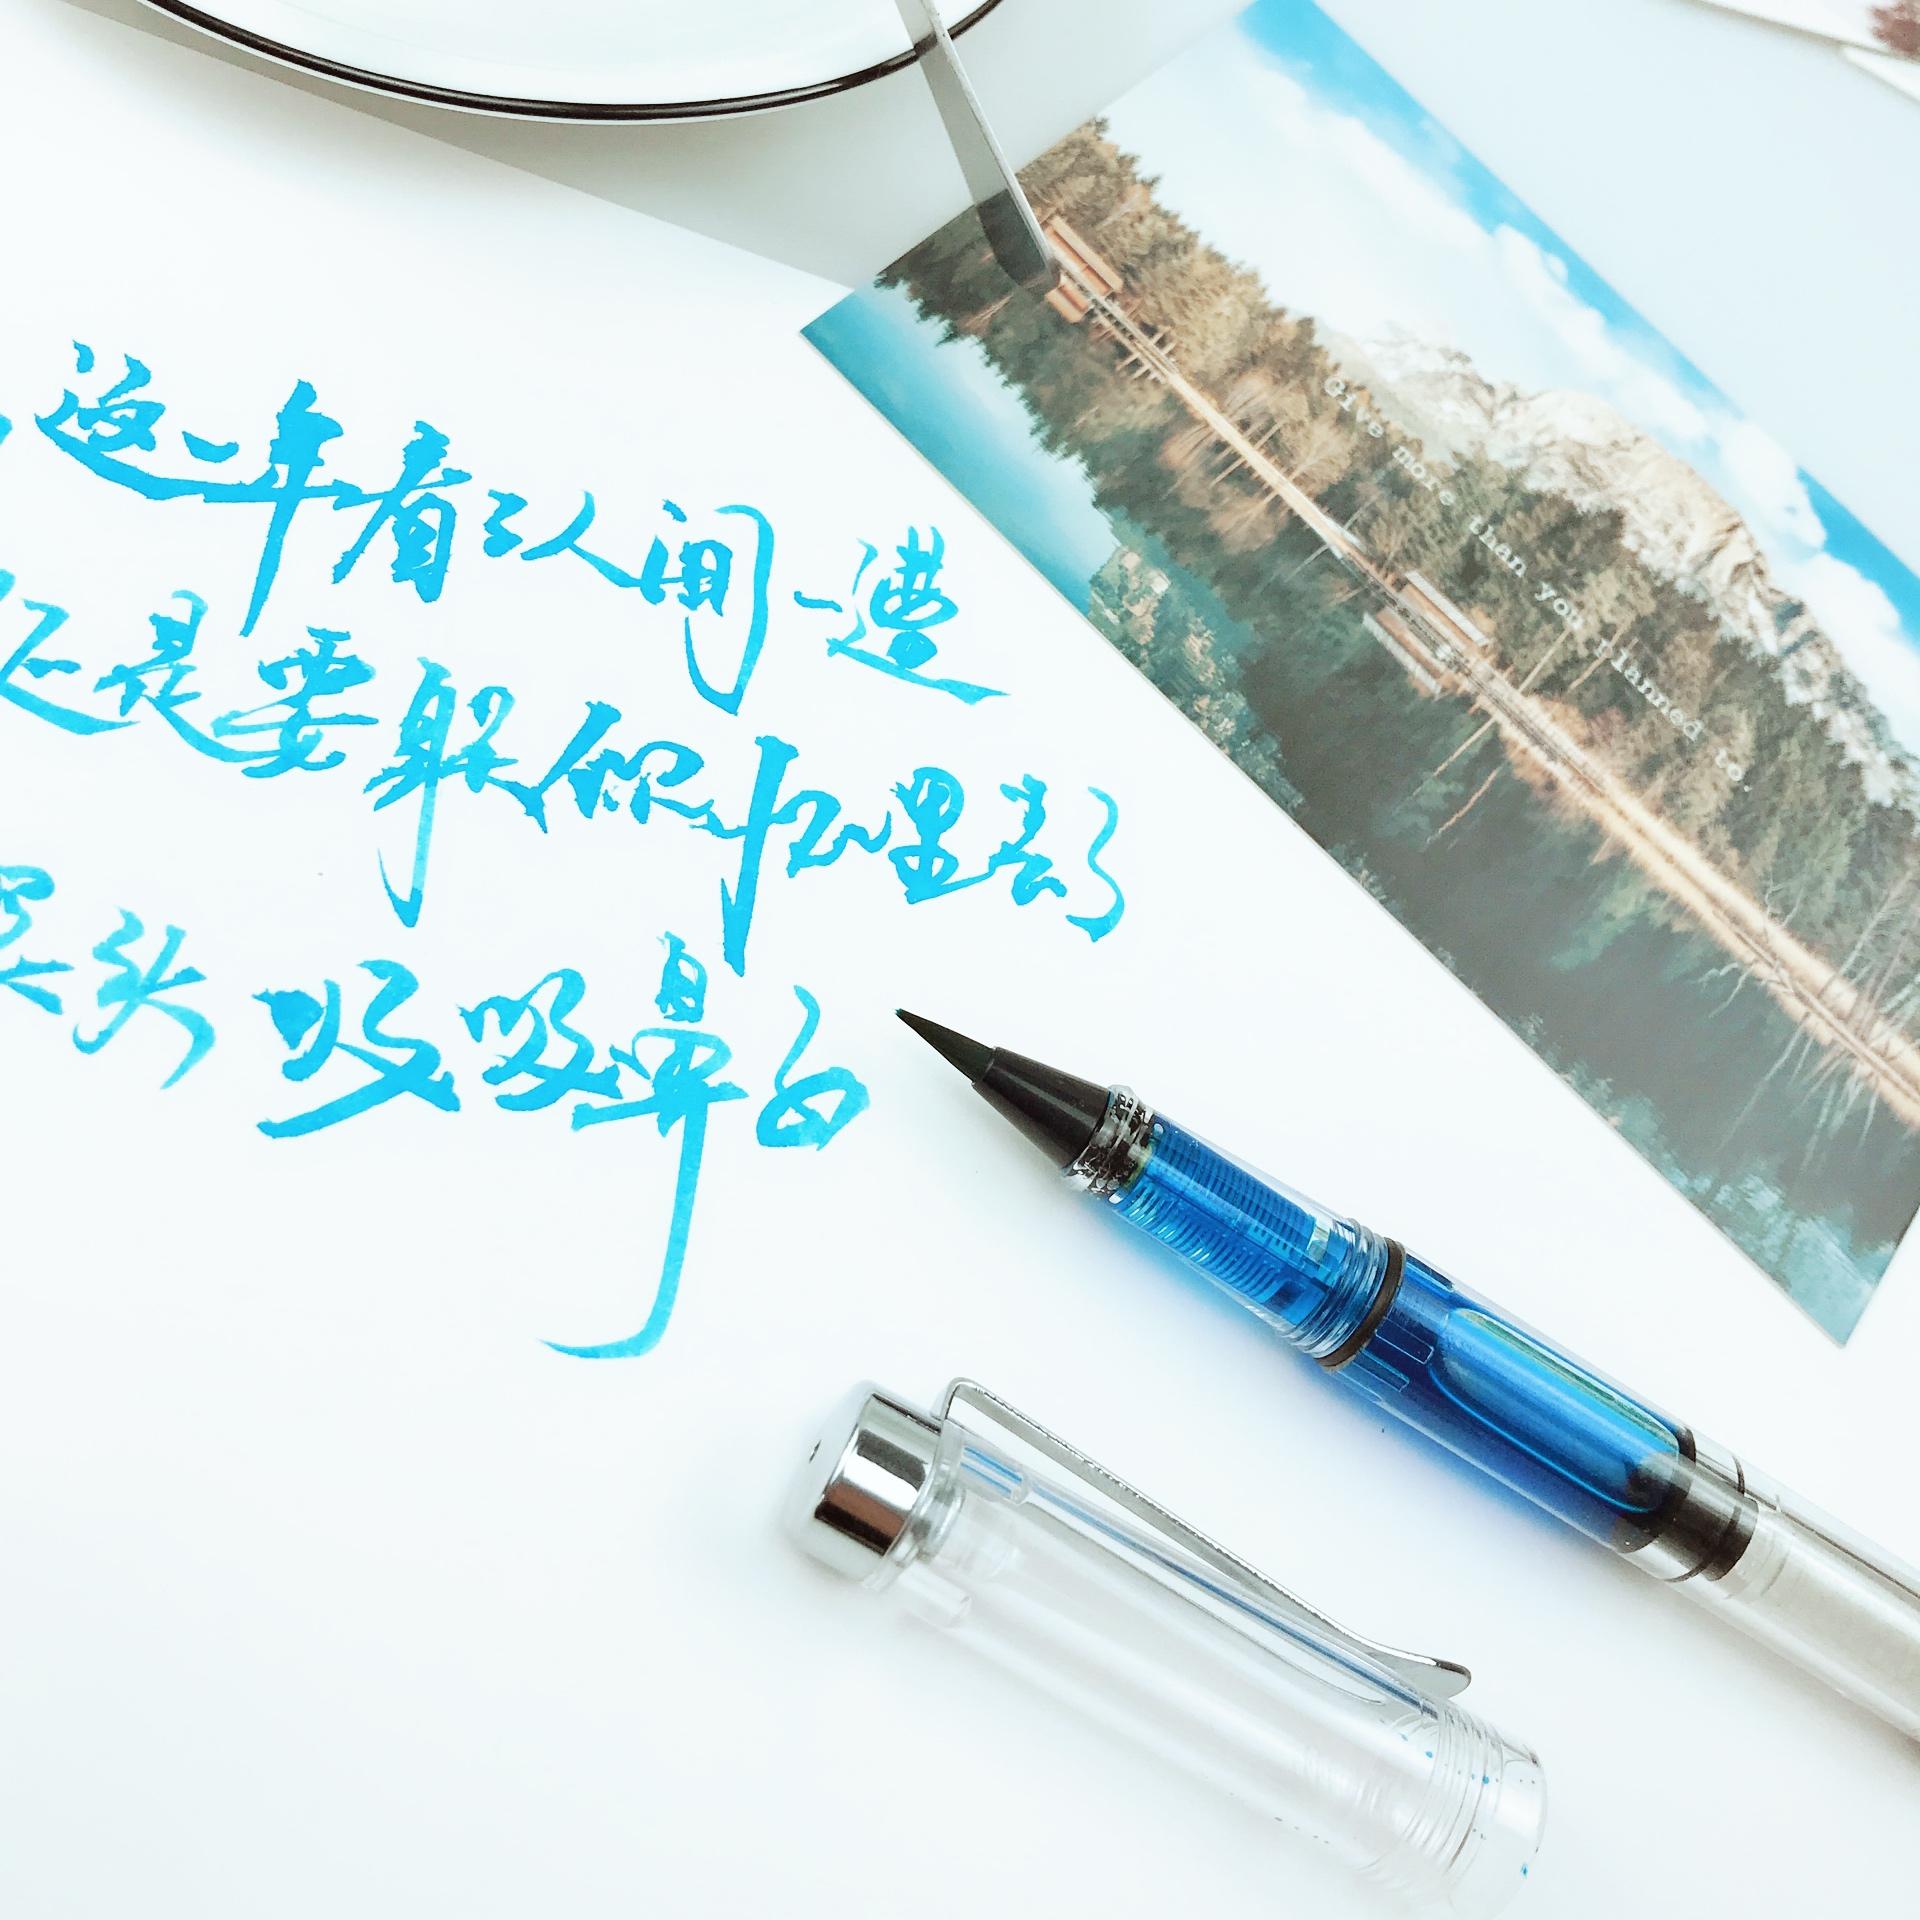 诗色 brush书法软笔便携式钢笔式毛笔笔杆加墨秀丽笔狼毫小楷毛笔